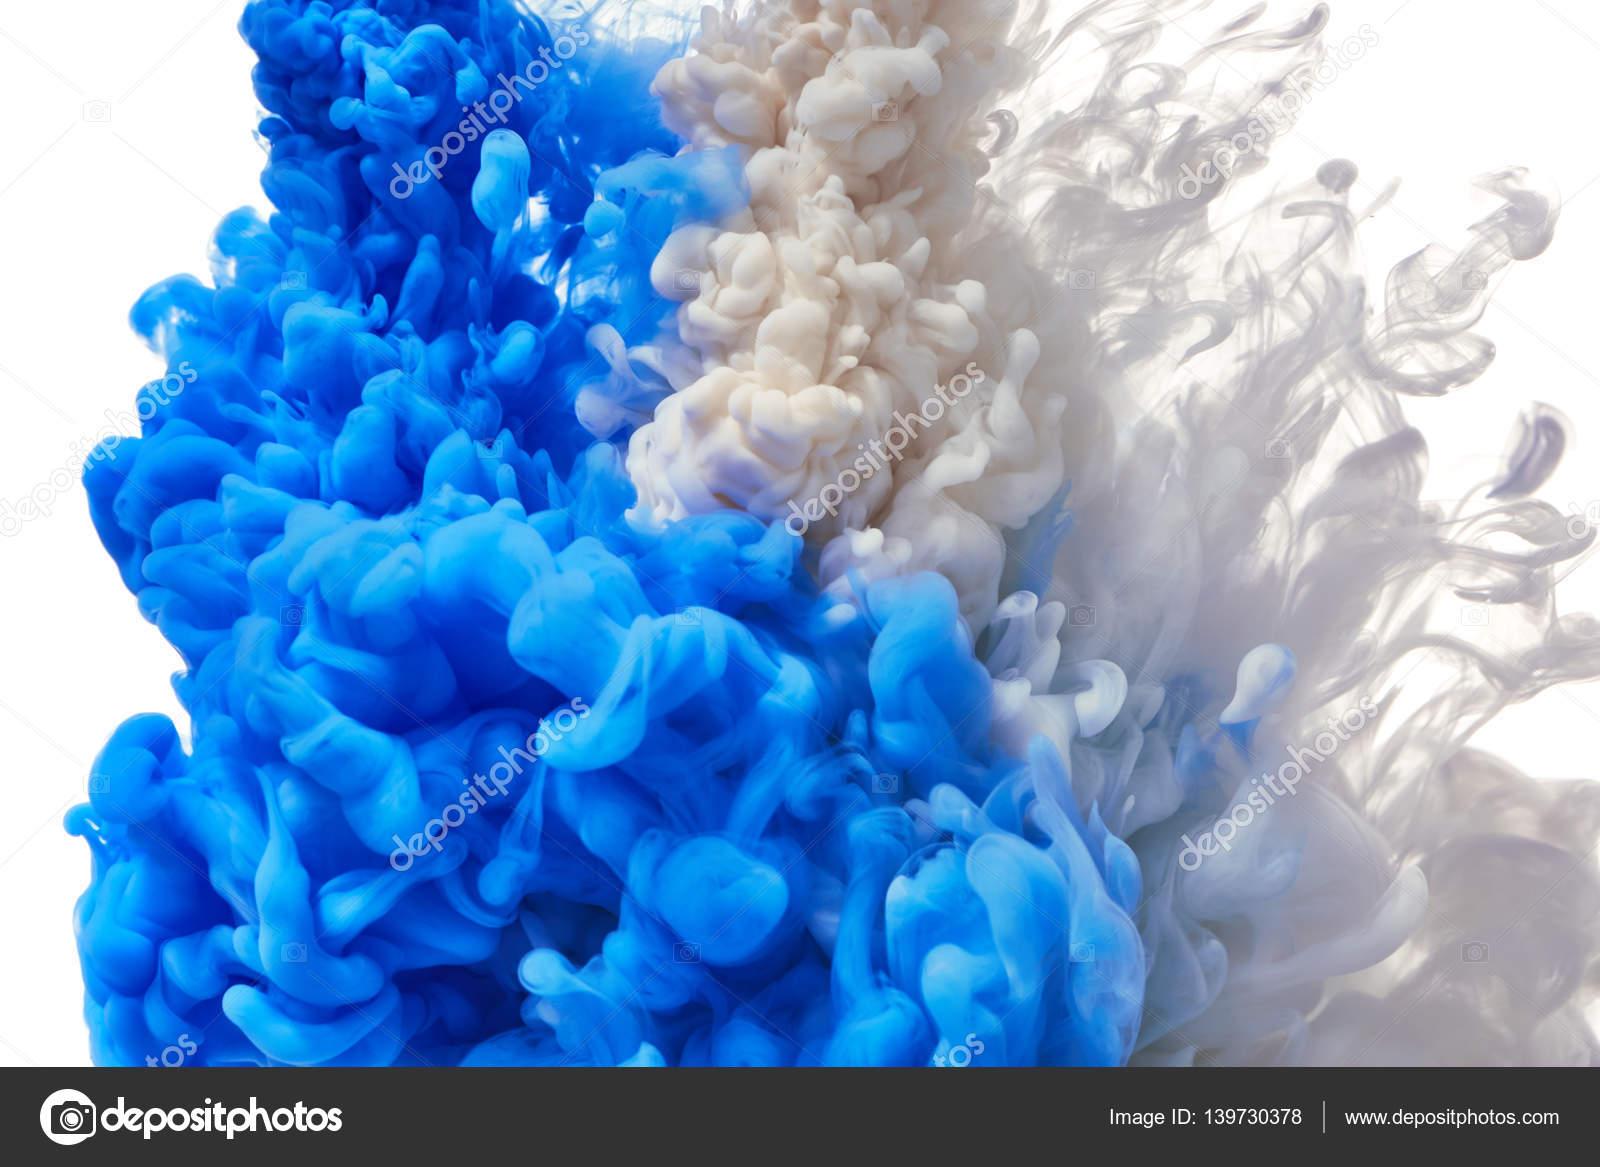 Salpicaduras de pintura azul y blanca foto de stock nik merkulov 139730378 - Salpicaduras de pintura ...